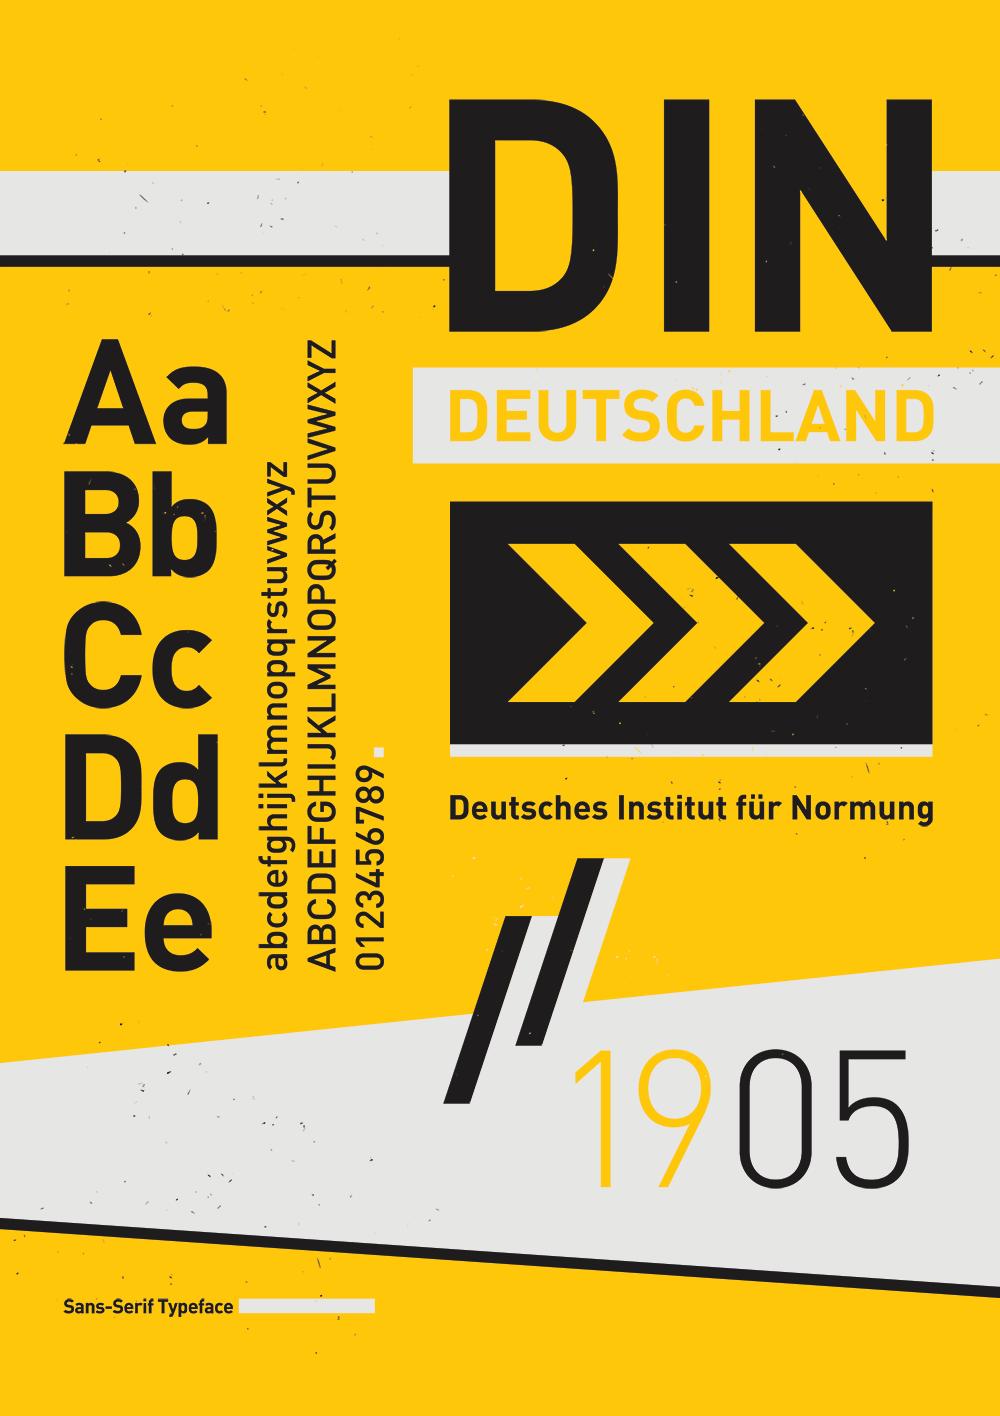 Din-V3